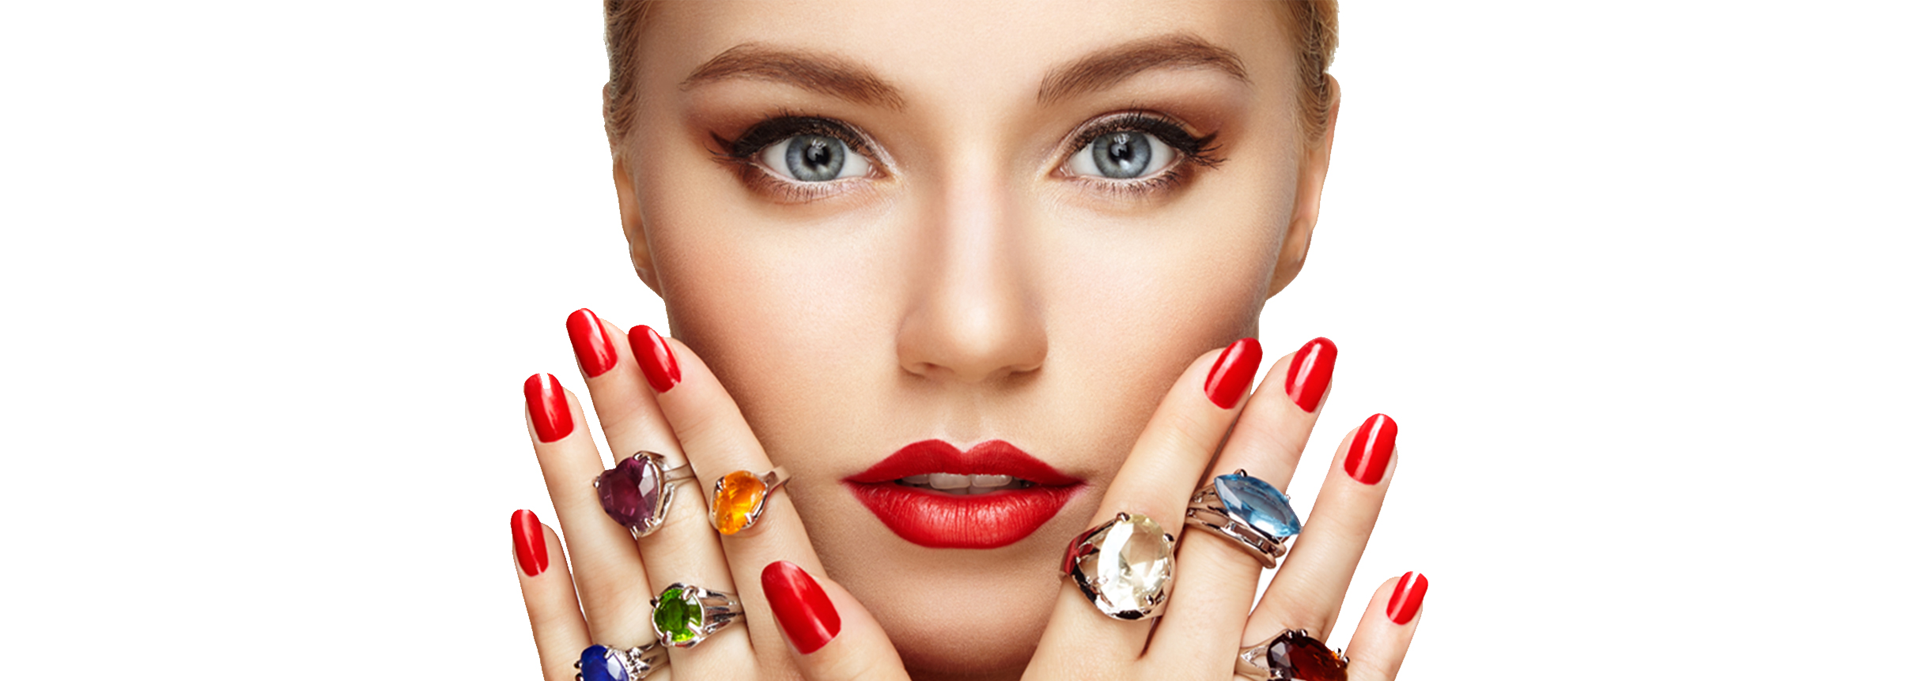 Реклама ногтей фото высокого разрешения